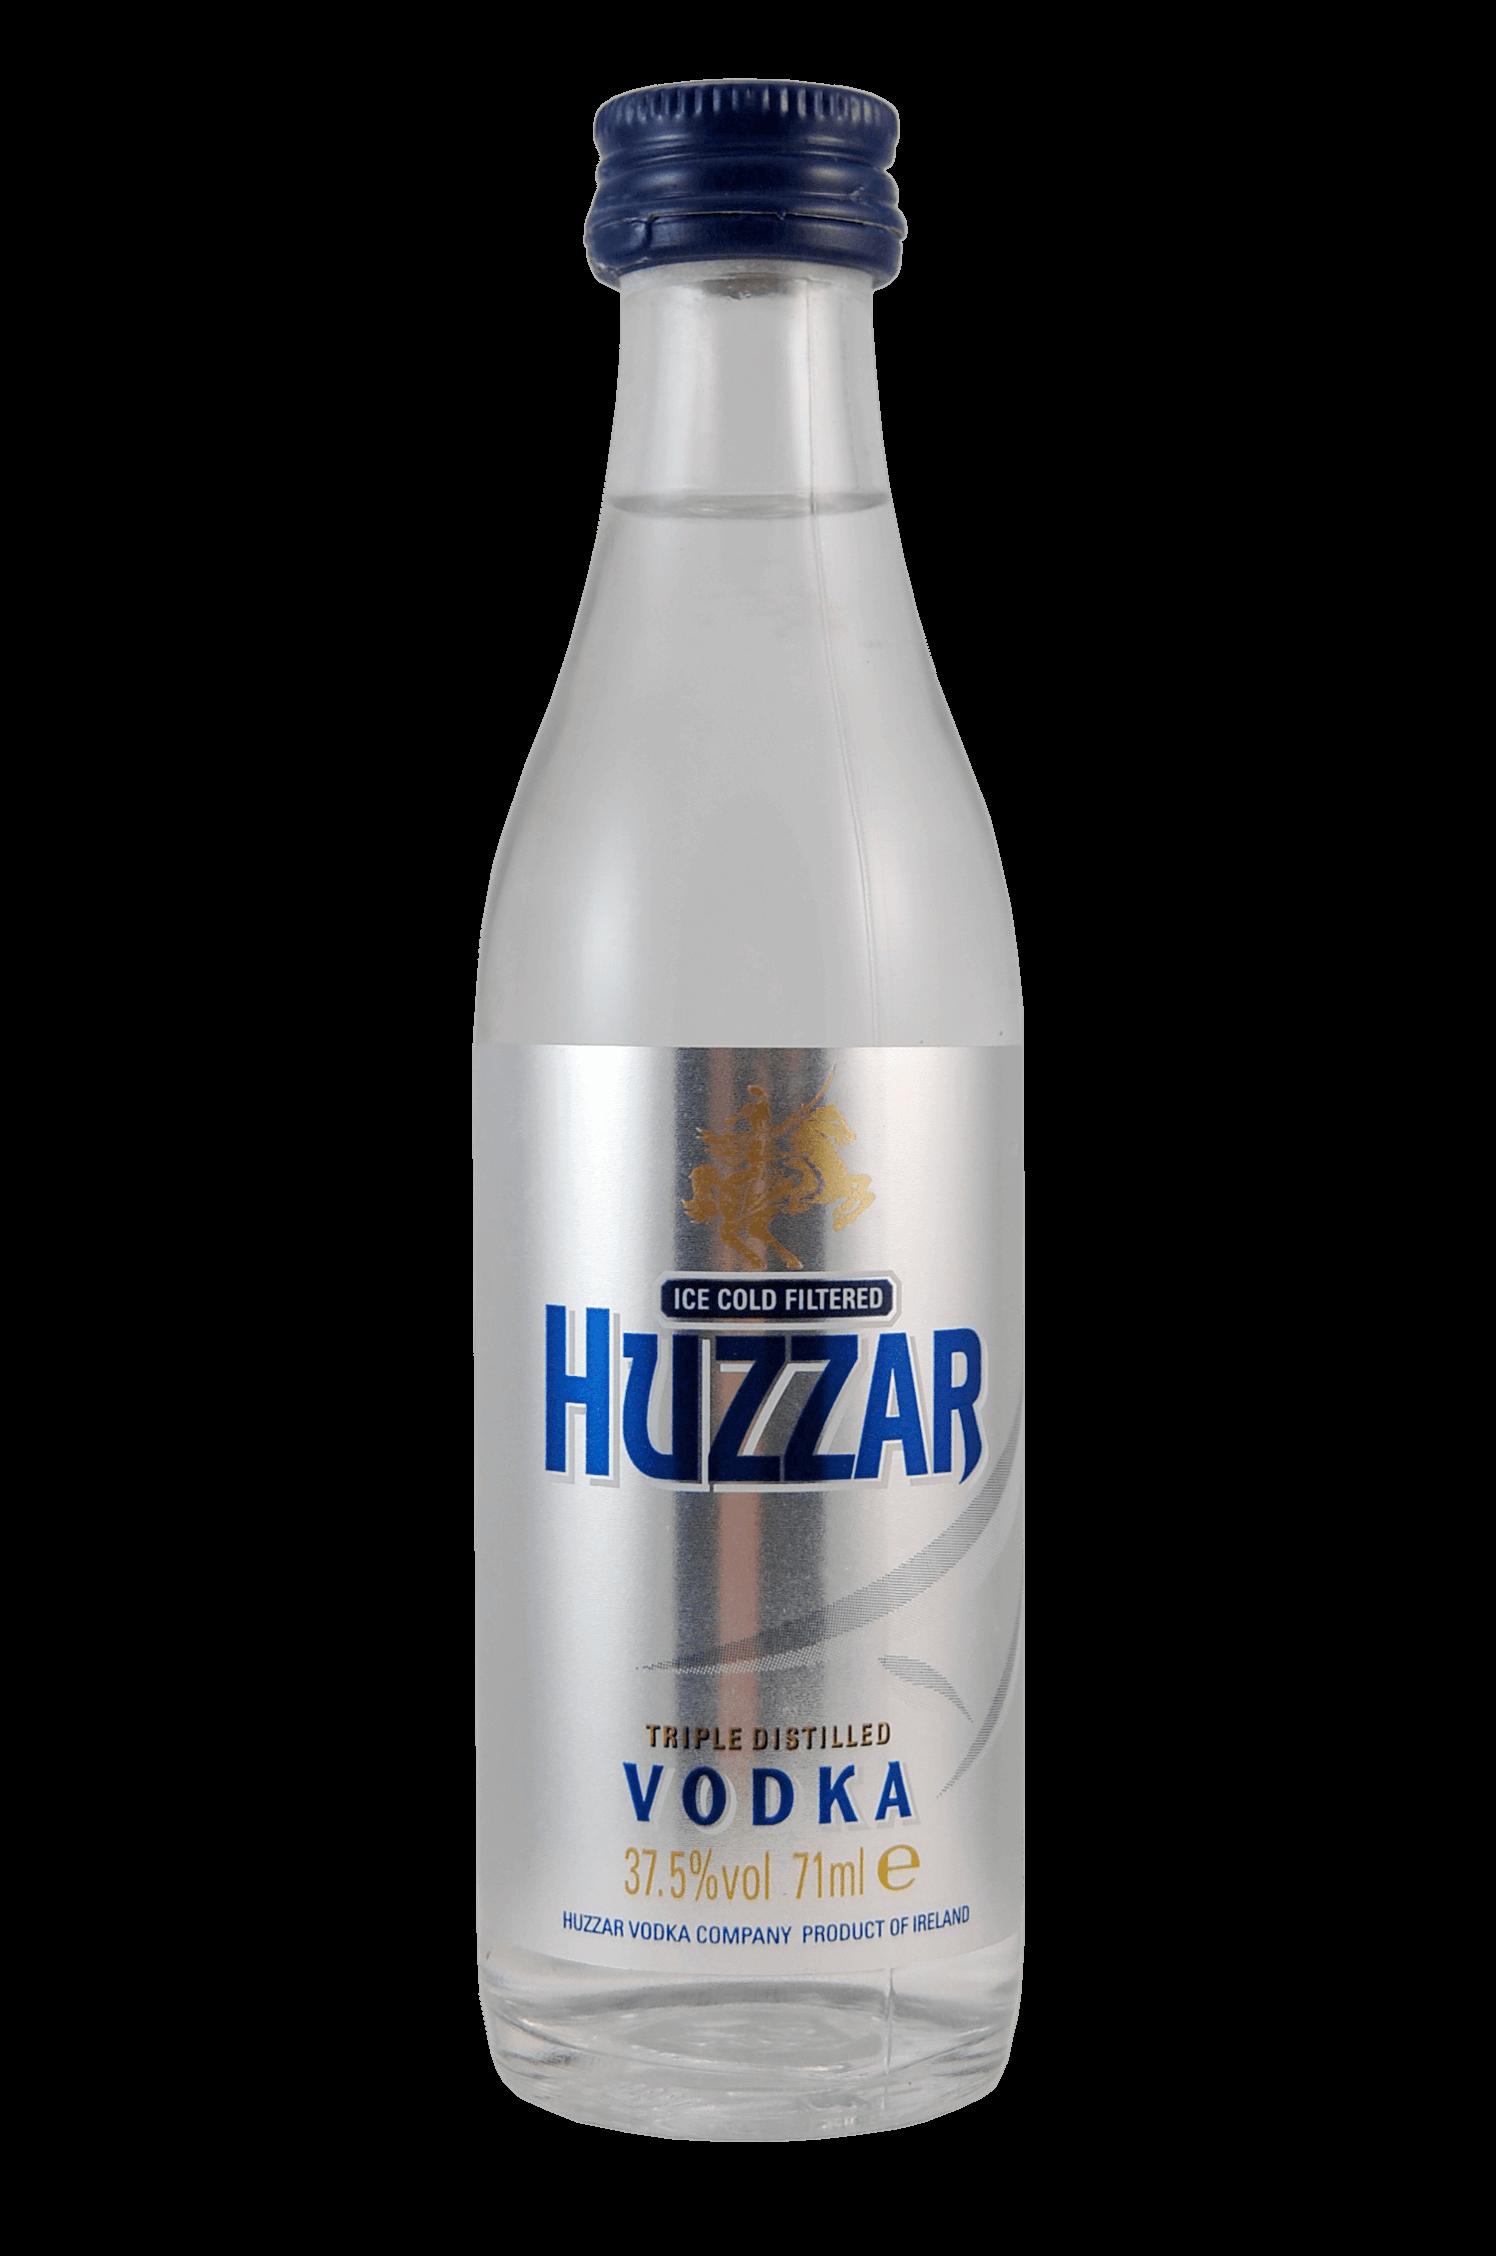 Huzzar Vodka